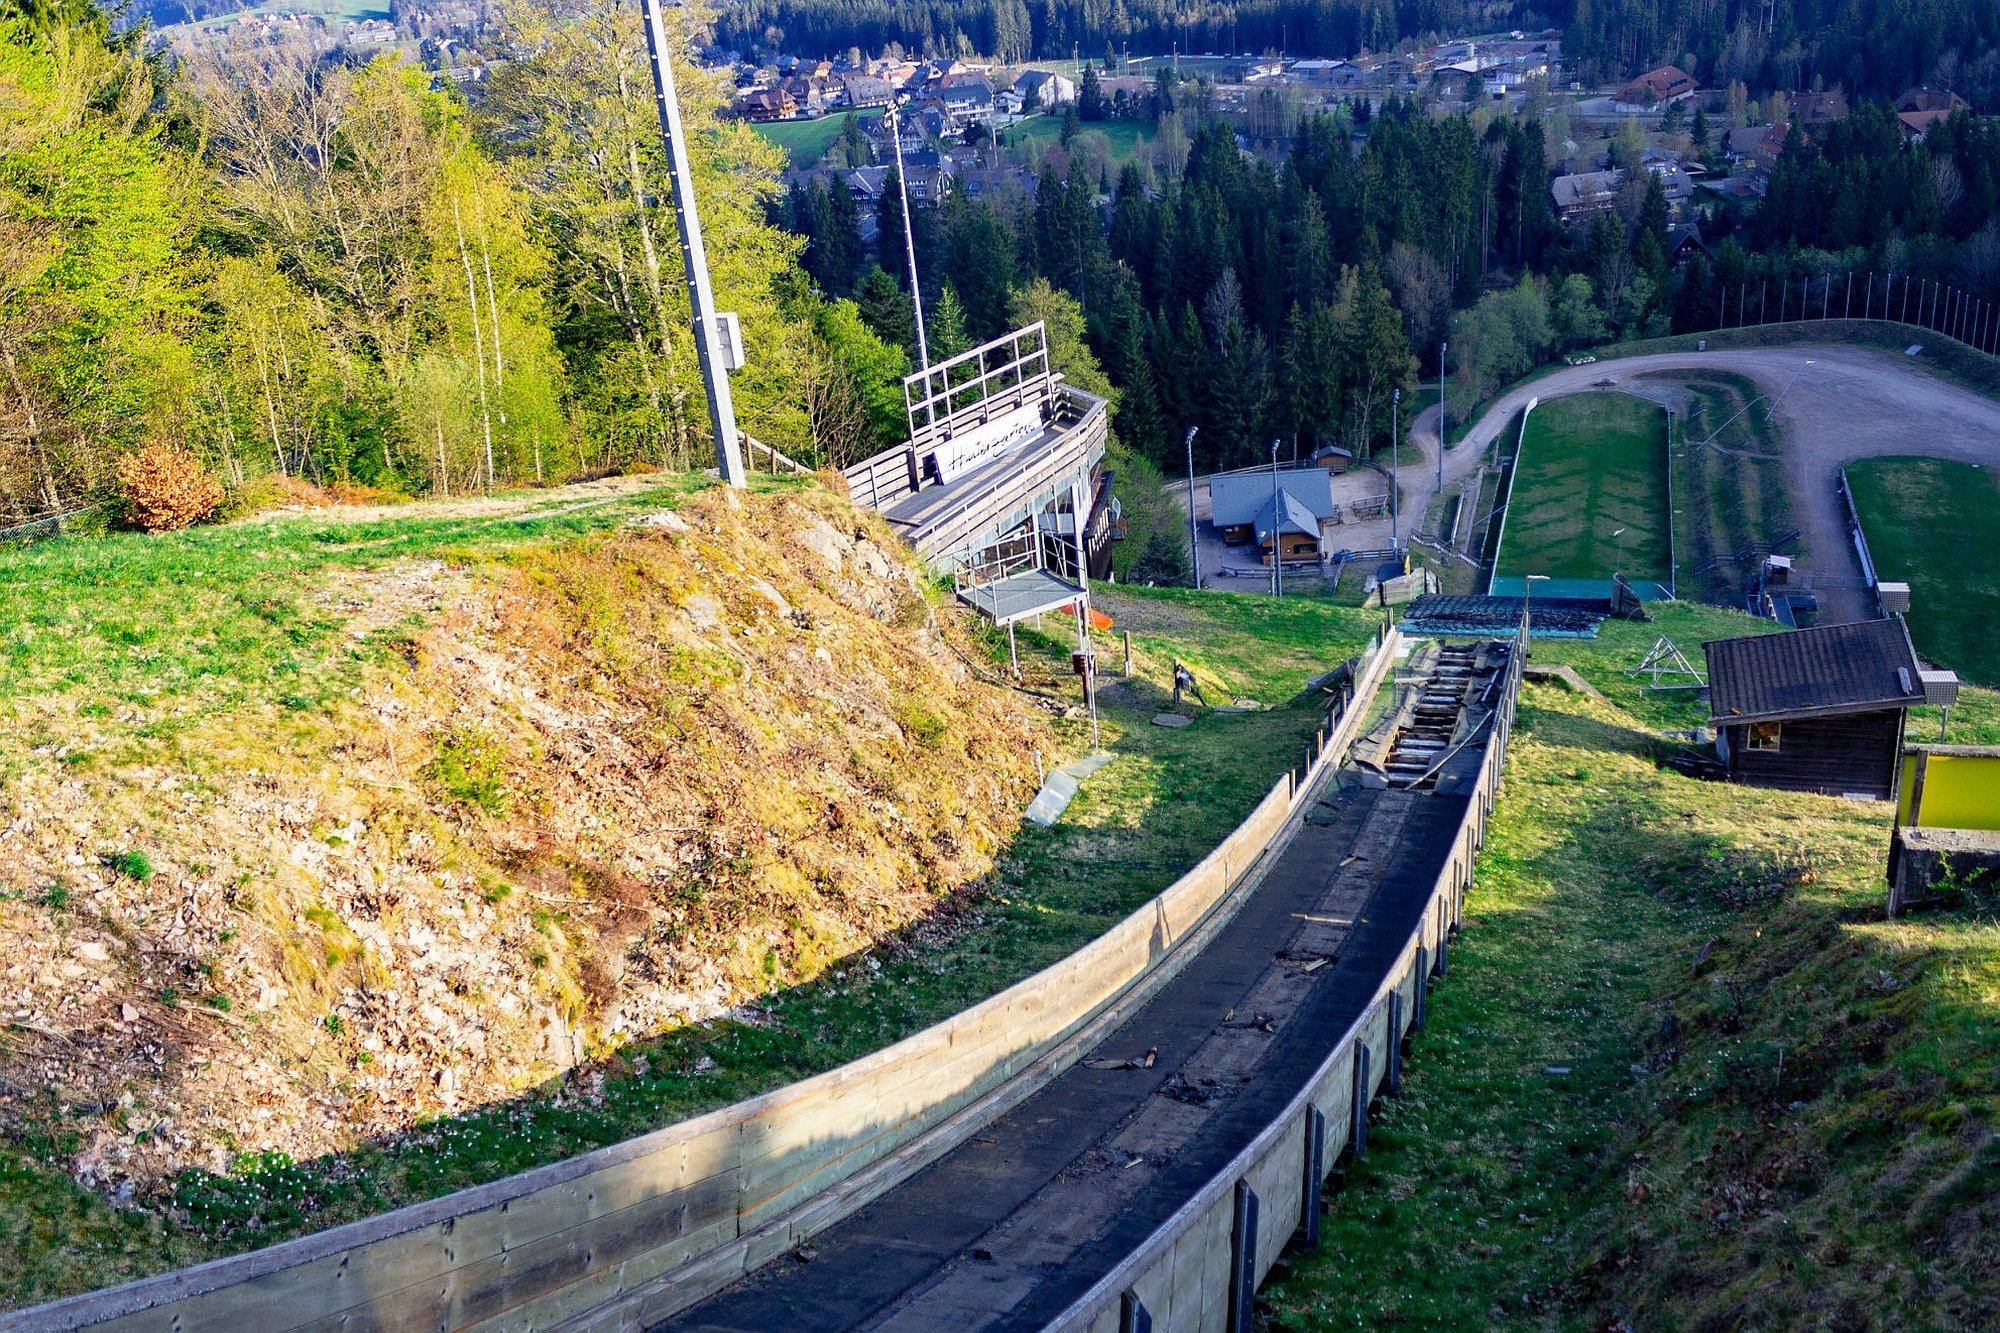 Trwa remont skoczni w Hinterzarten. Ten obiekt to symbol letnich zmagań